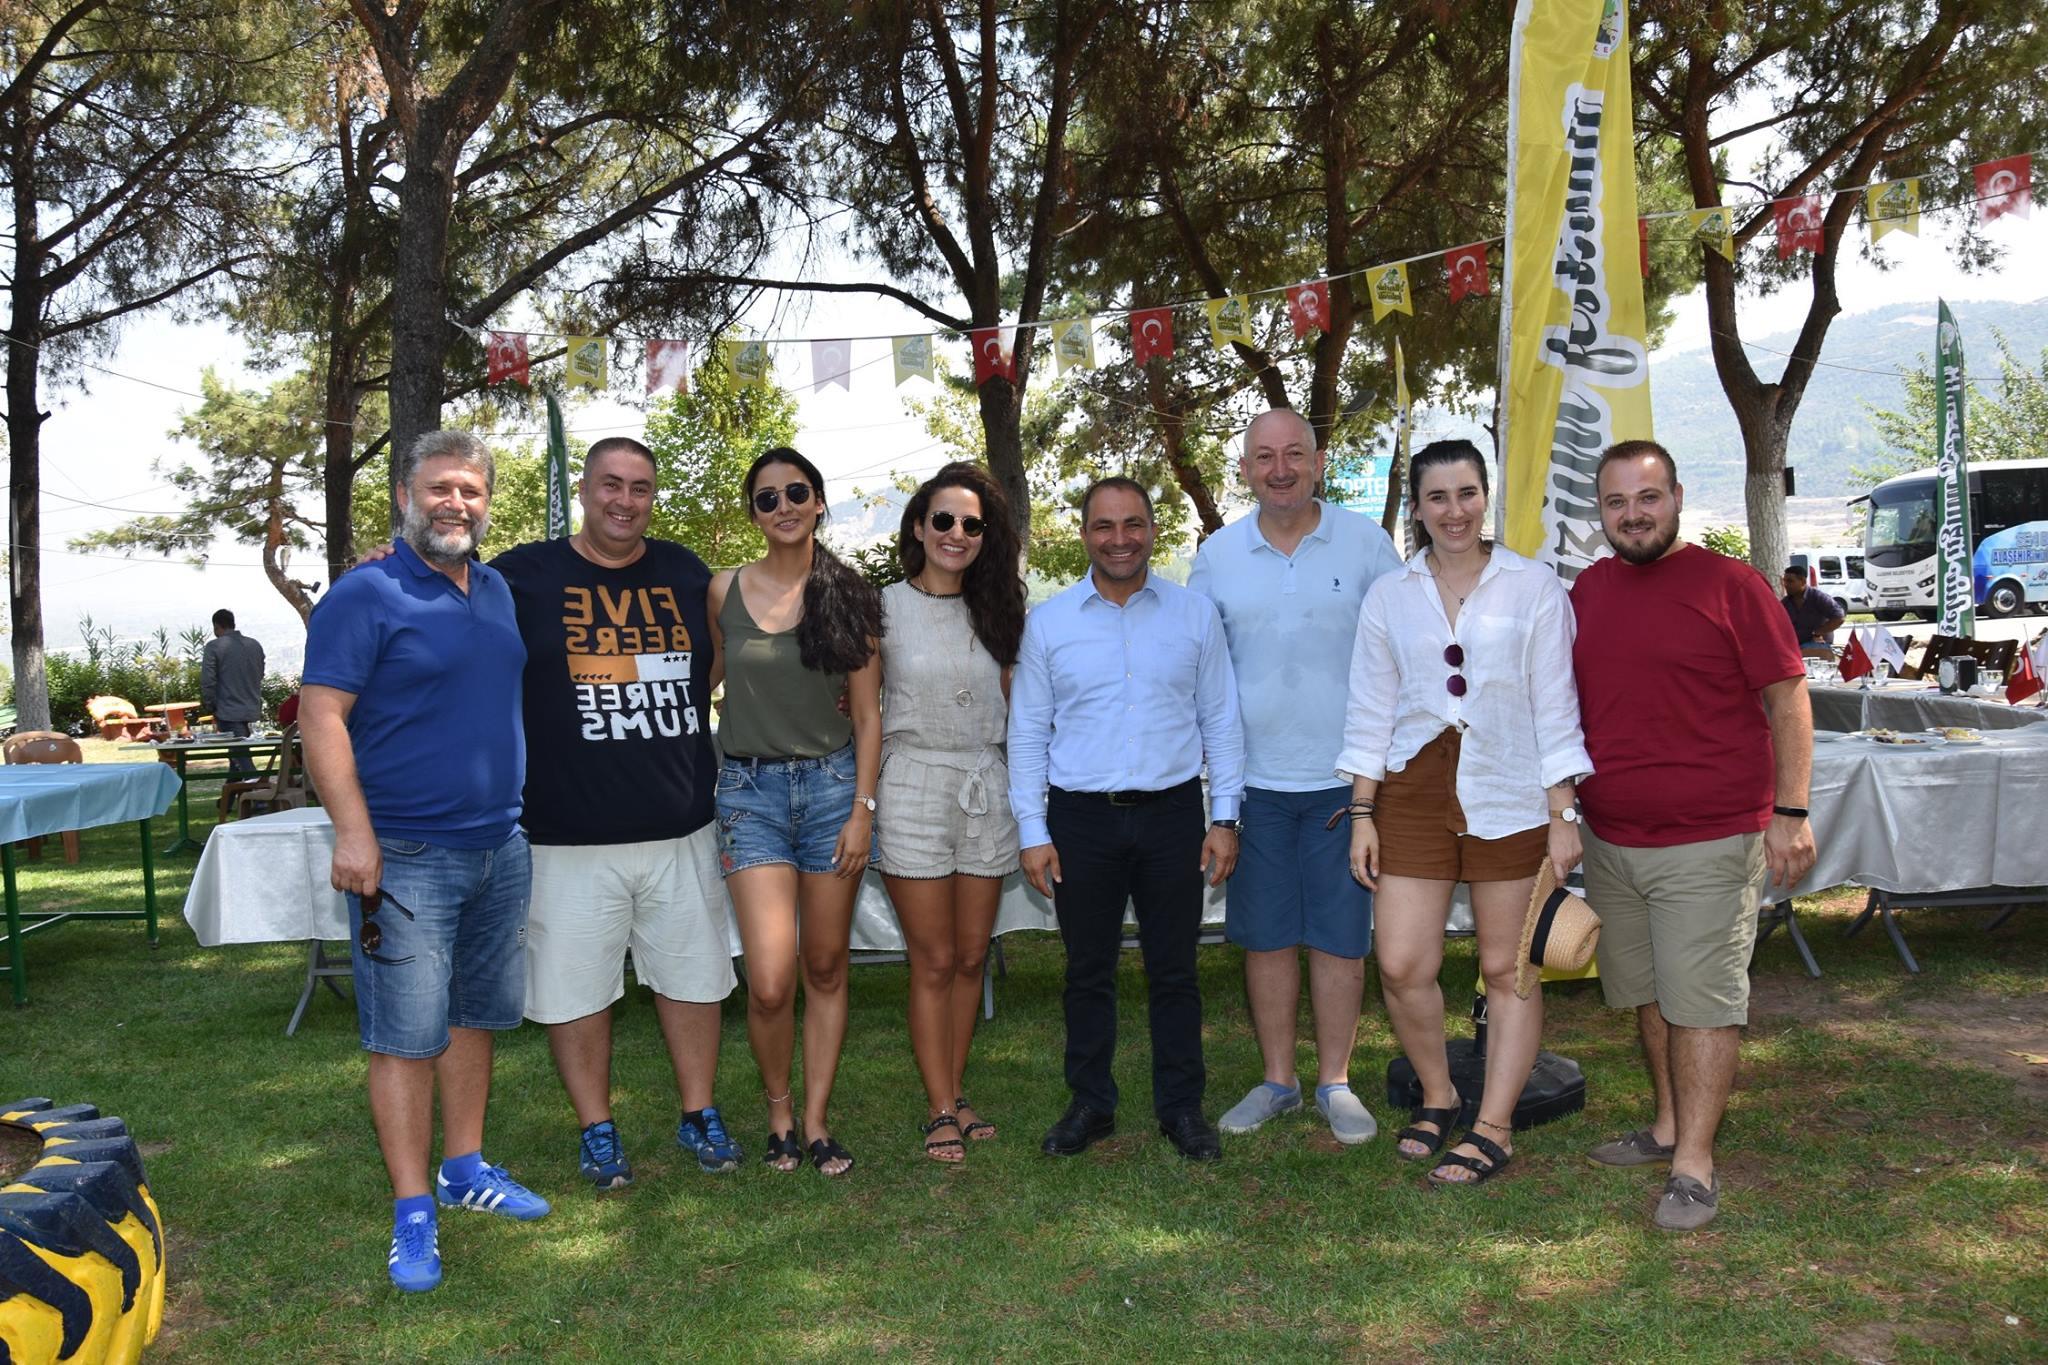 Üzümle Farklı Lezzetler Yarışmamızı birbirinden ünlü gurmelerimiz, yarışmacılarımızın ve vatandaşlarımızın katılımları ile Toptepe'de gerçekleştirdik.